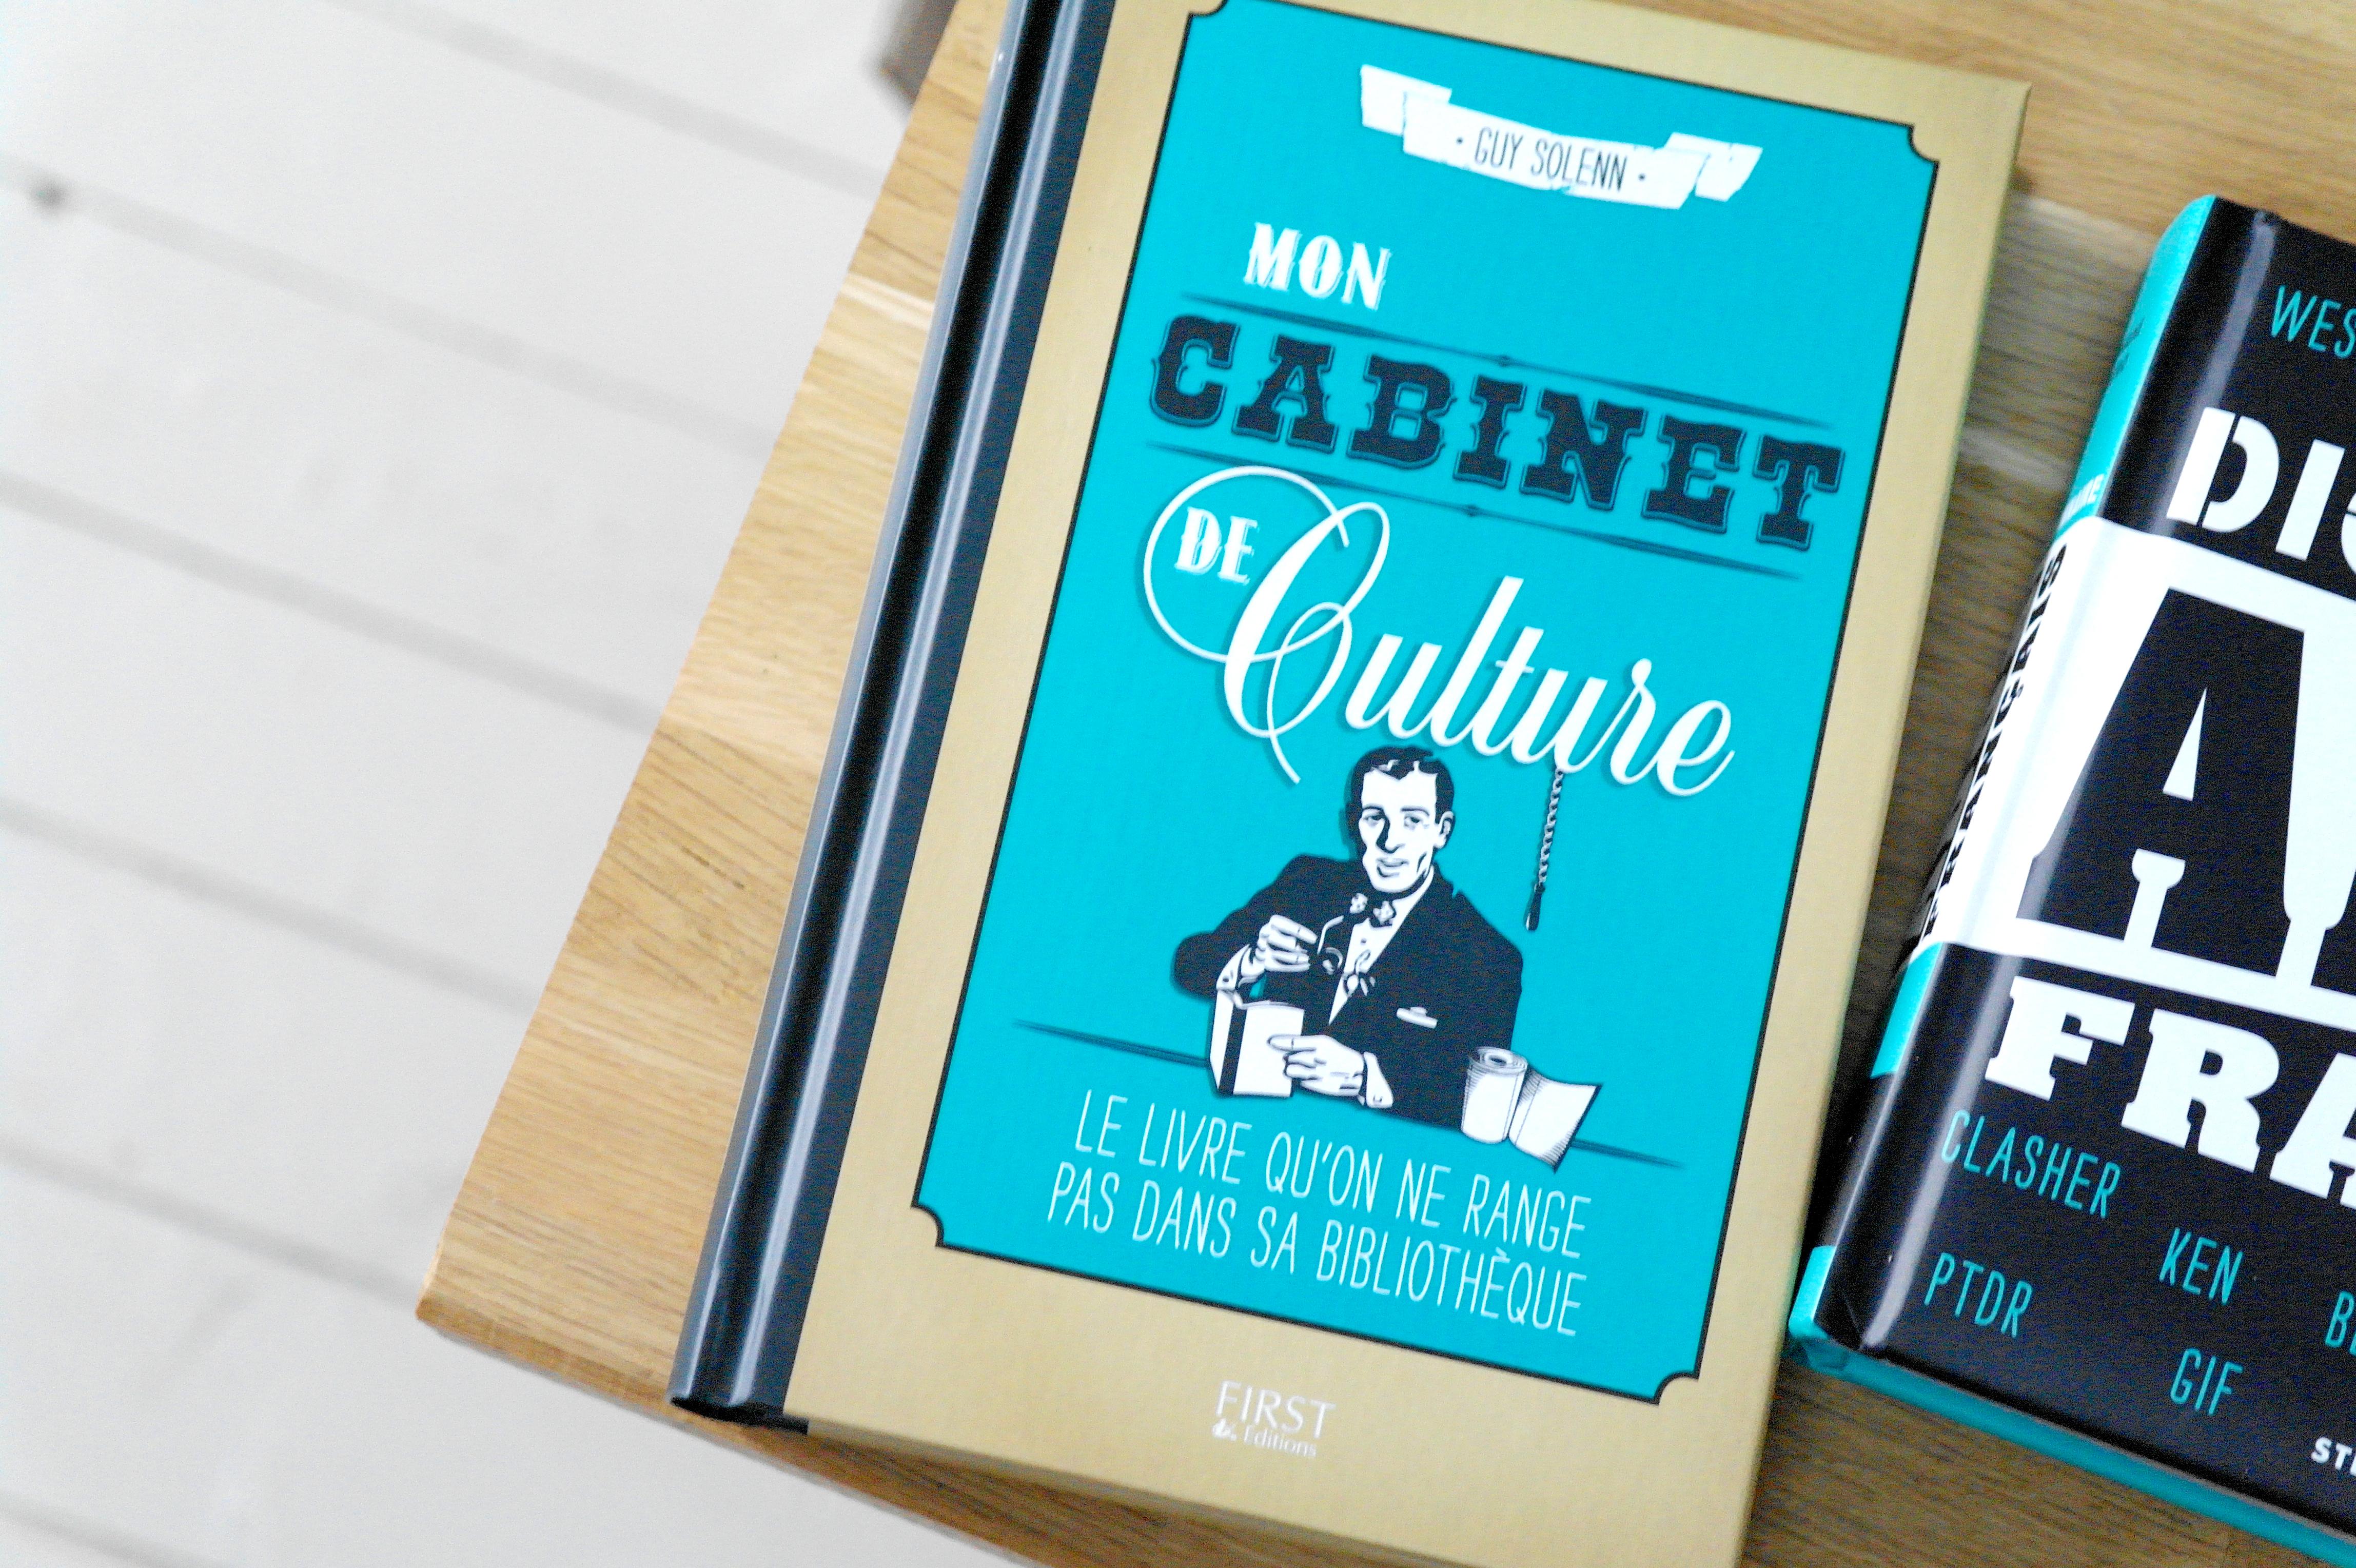 MON CABINET DE CULTURE